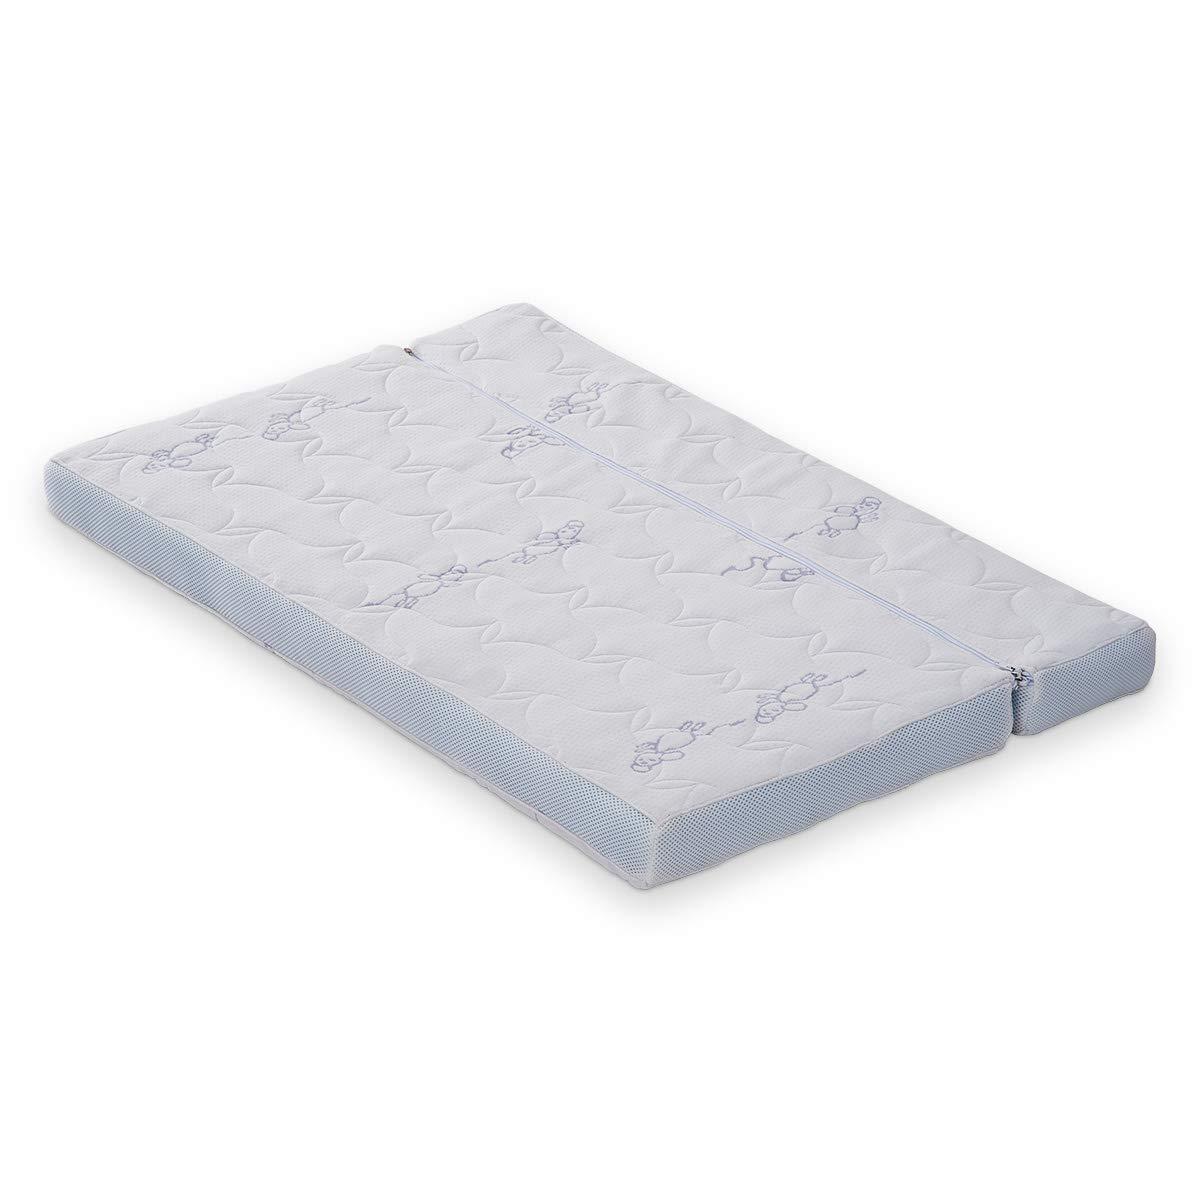 FabiMax Beistellbett PRO mit Matratze AIR und Nestchen Amelie grau